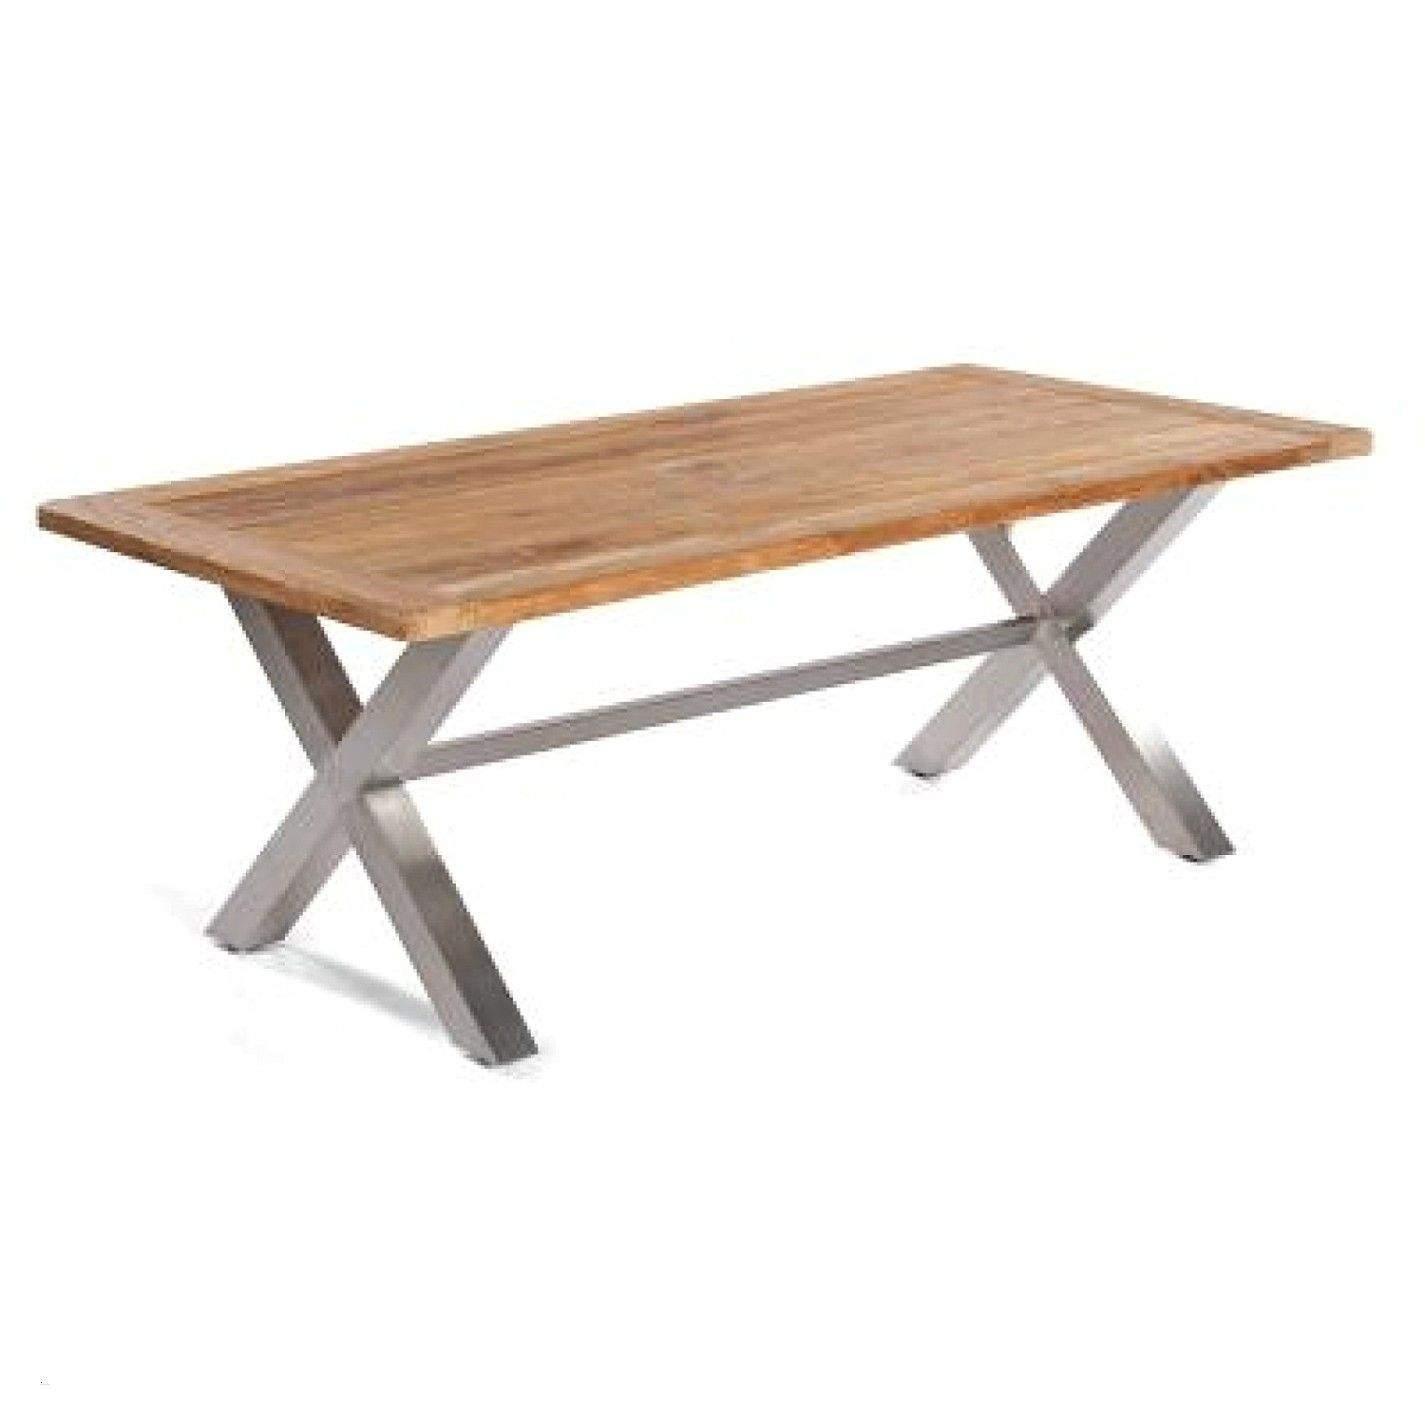 Teakholz Tisch Garten Luxus 19 Teak Stühle Garten Genial